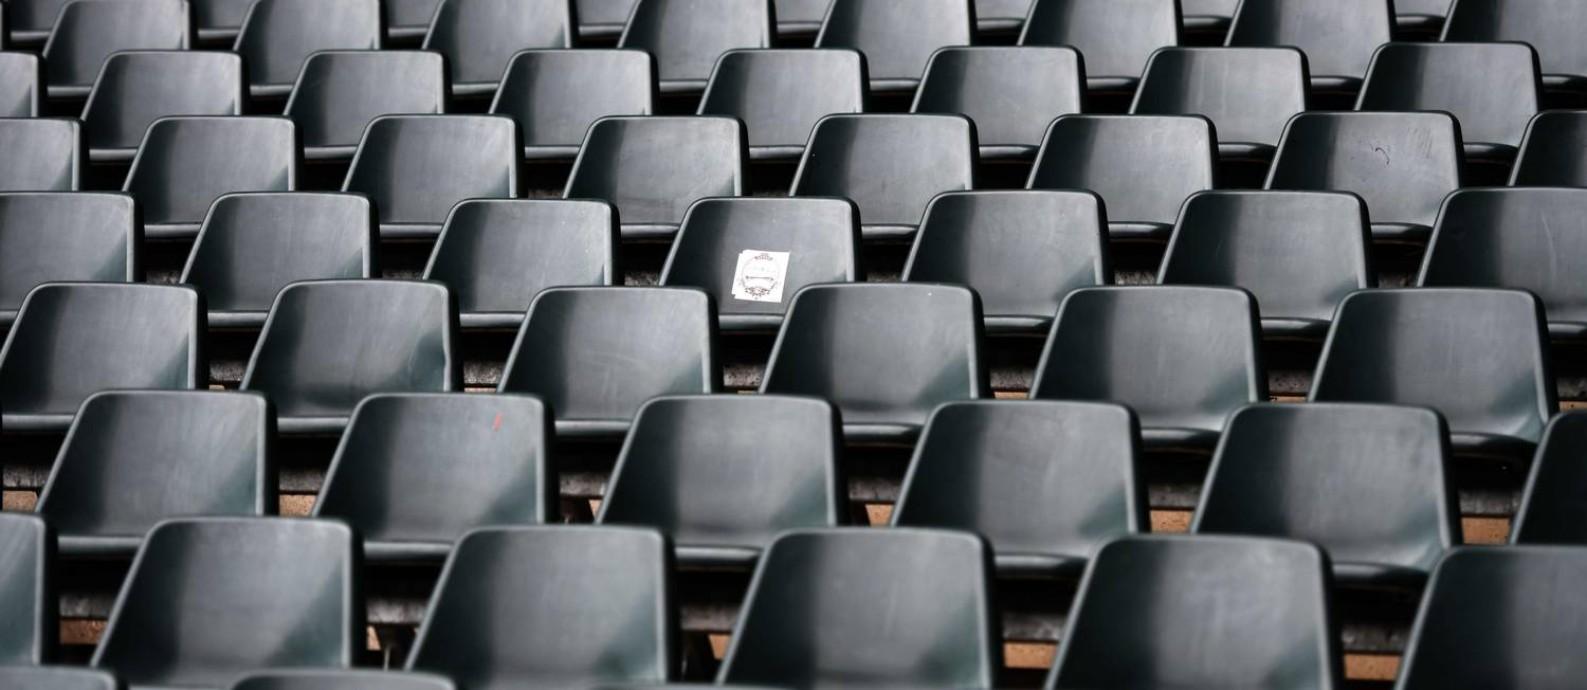 Cadeiras vazias no Borussia-Park, em Mönchengladbach, Alemanha, no dia 10 de março: futebol está parado no mundo Foto: INA FASSBENDER / AFP